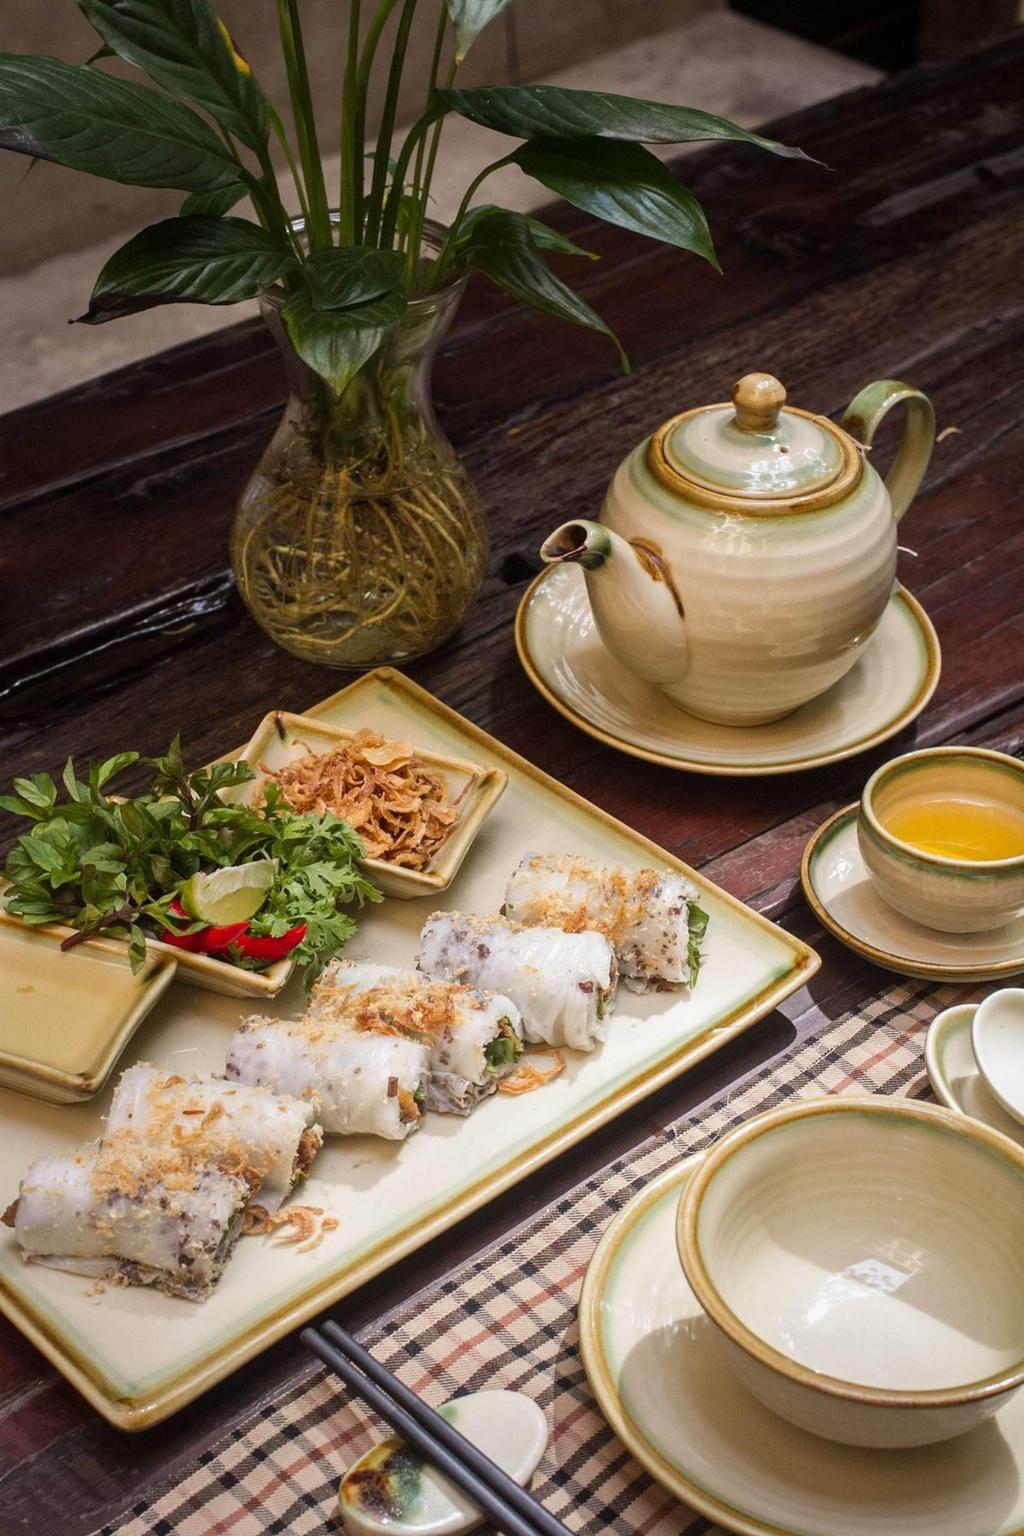 Lap keo 'sang chanh' dip 2/9 tai nhung nha hang mang hon Viet hinh anh 6